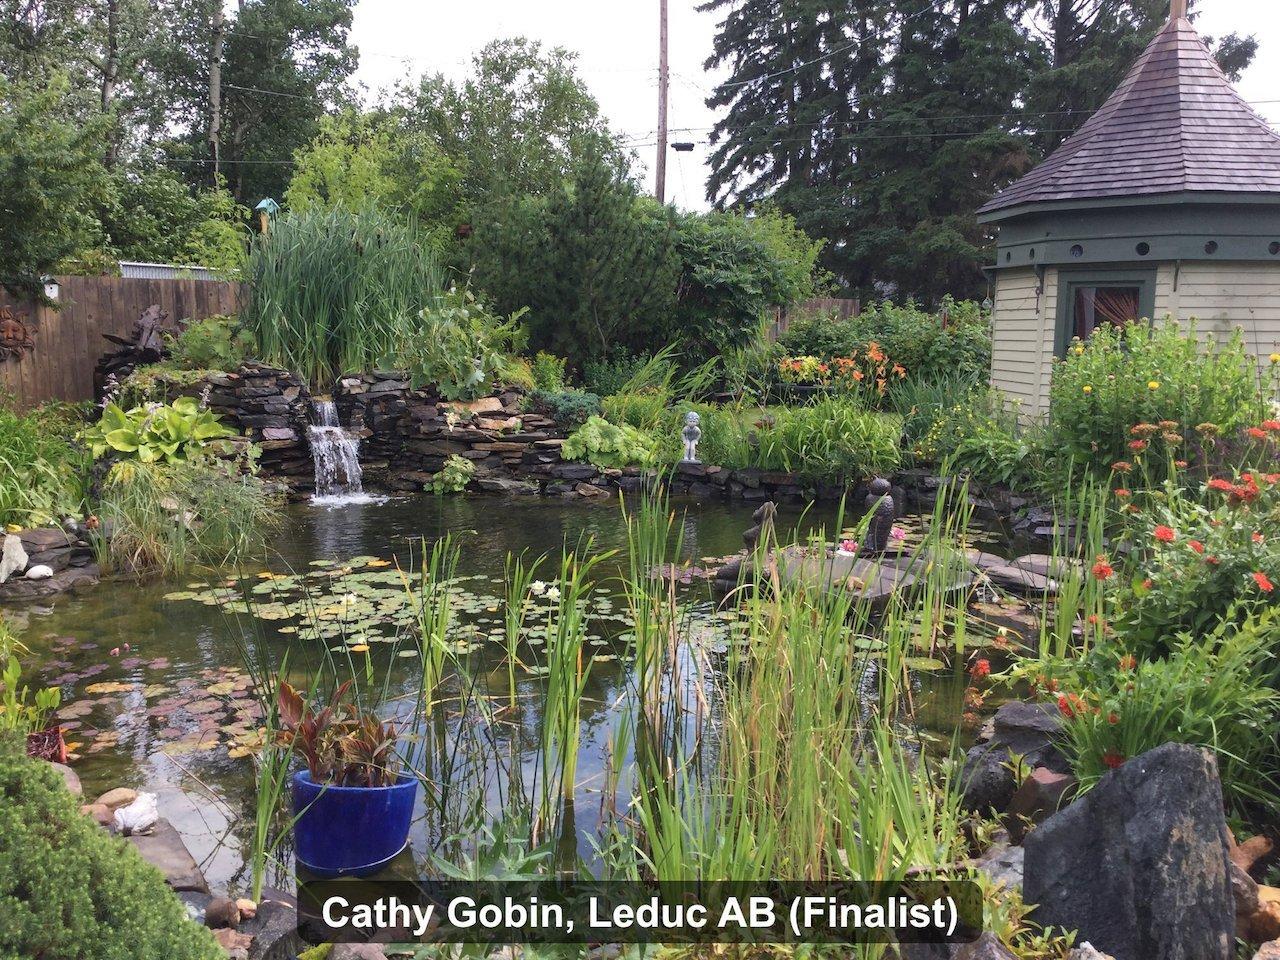 Finalist - Cathy Gobin, Leduc AB